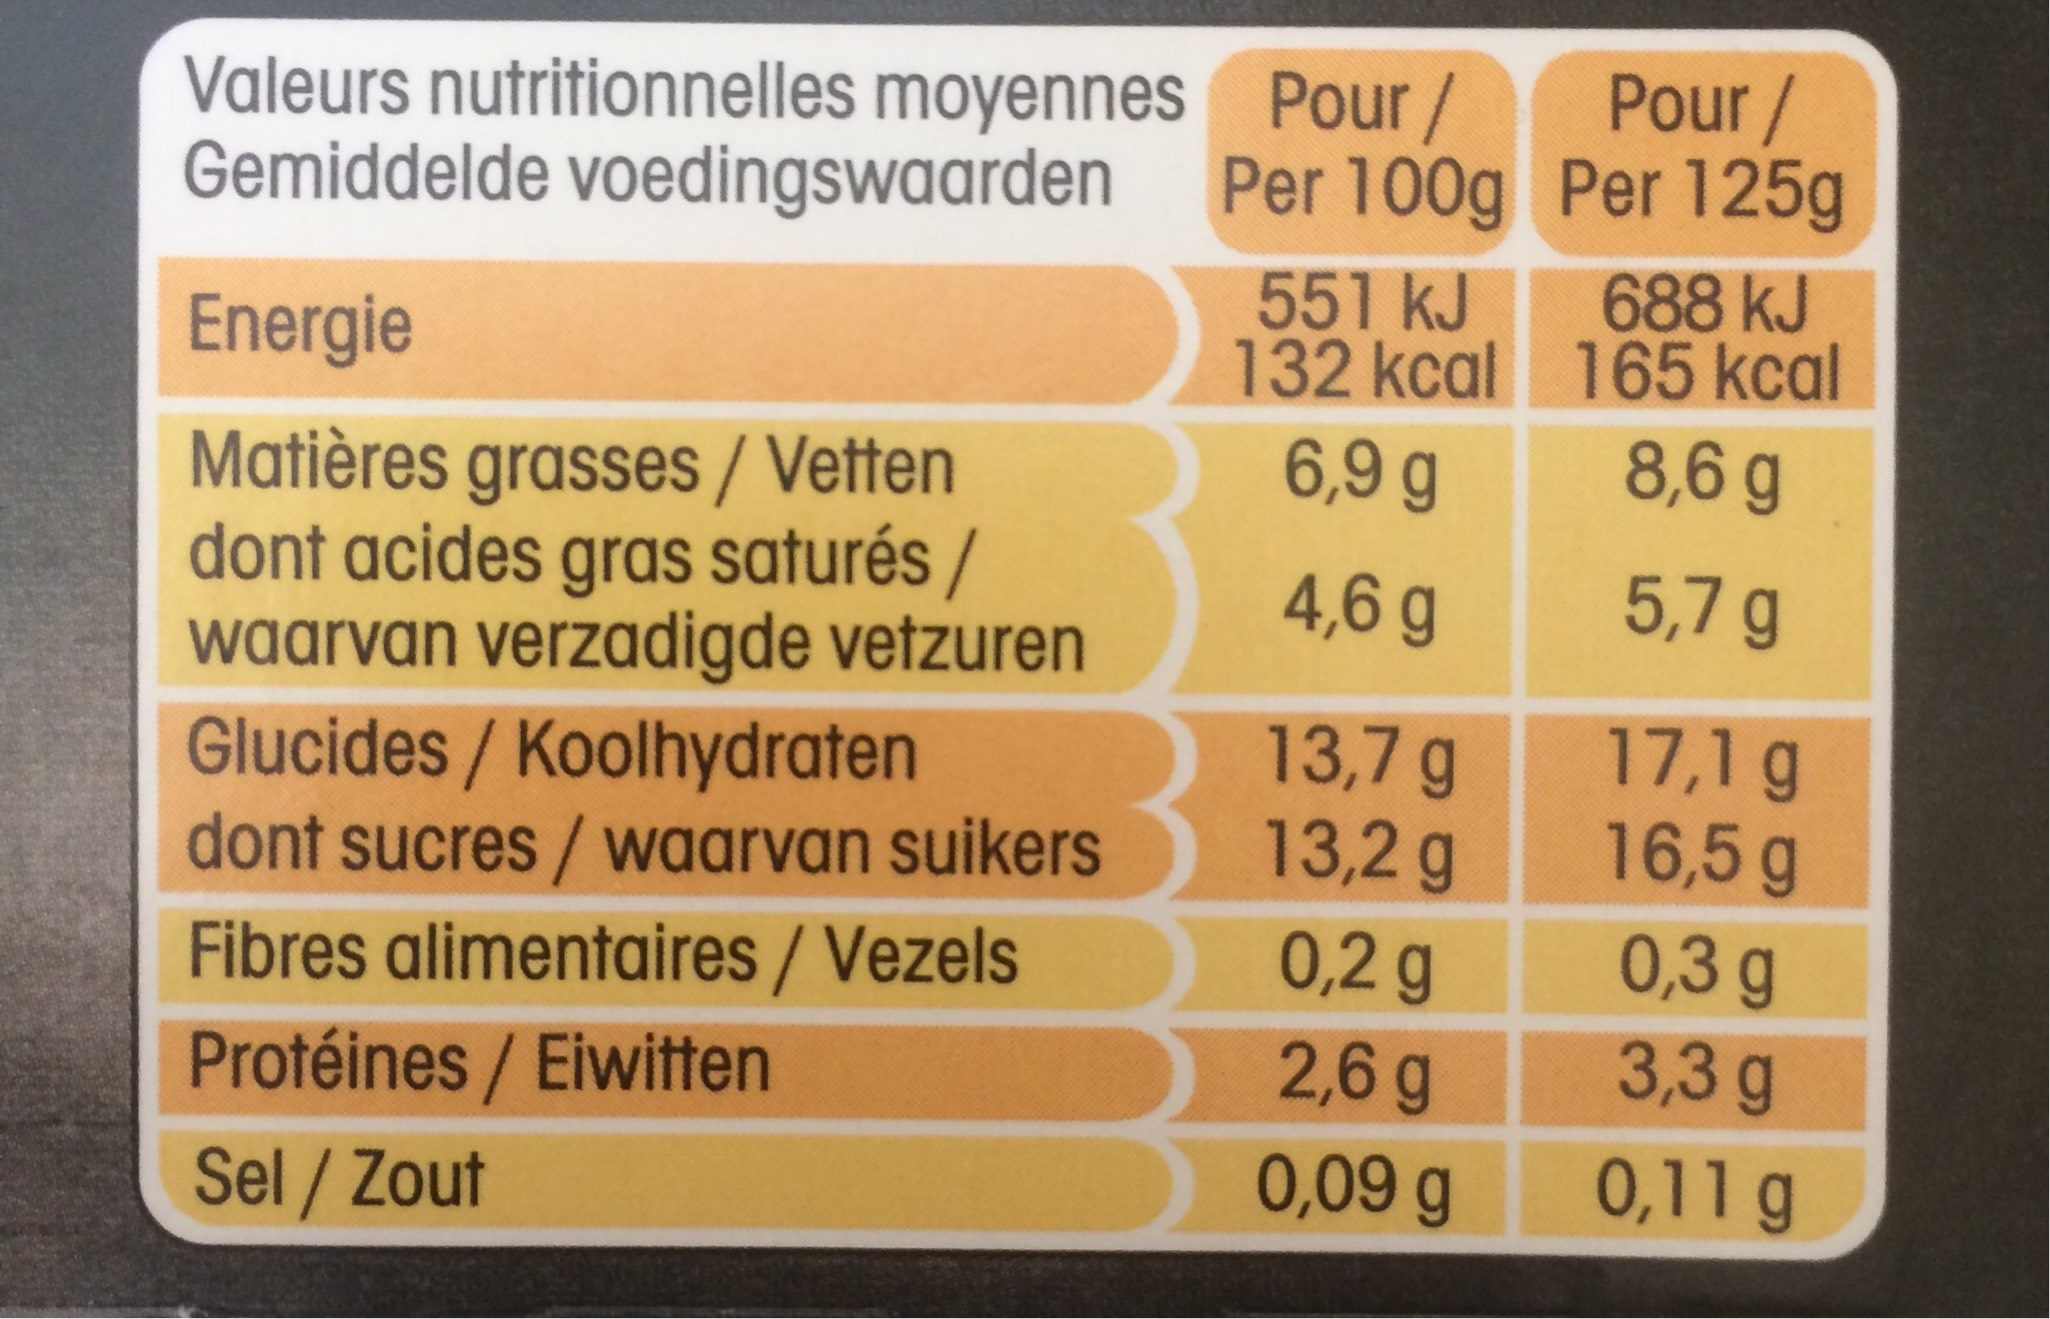 Panier de Yoplait sensations Mangue/Passion - Nutrition facts